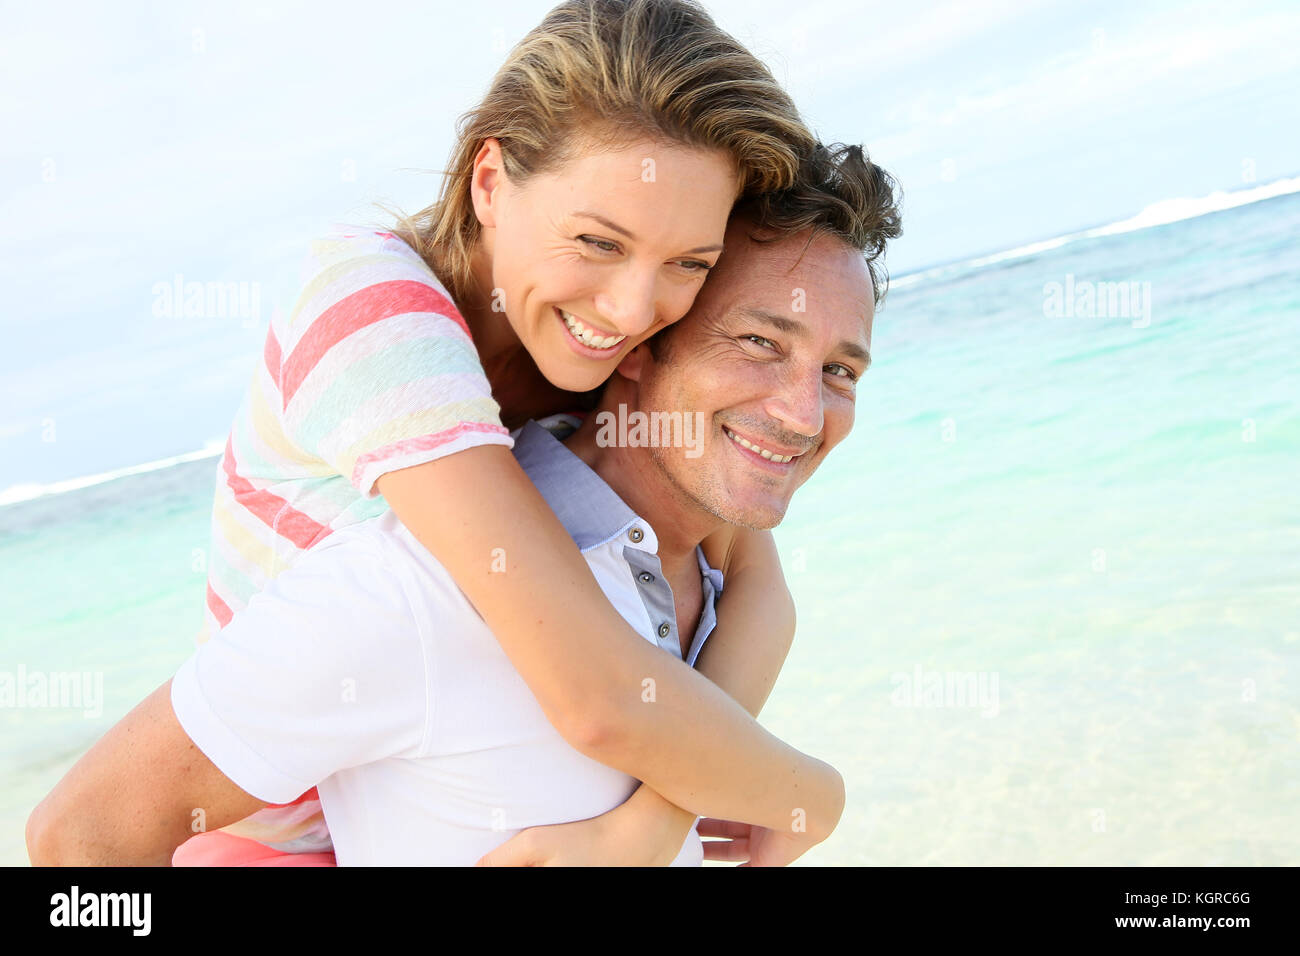 L uomo dando piggyback ride per ragazza in spiaggia Immagini Stock